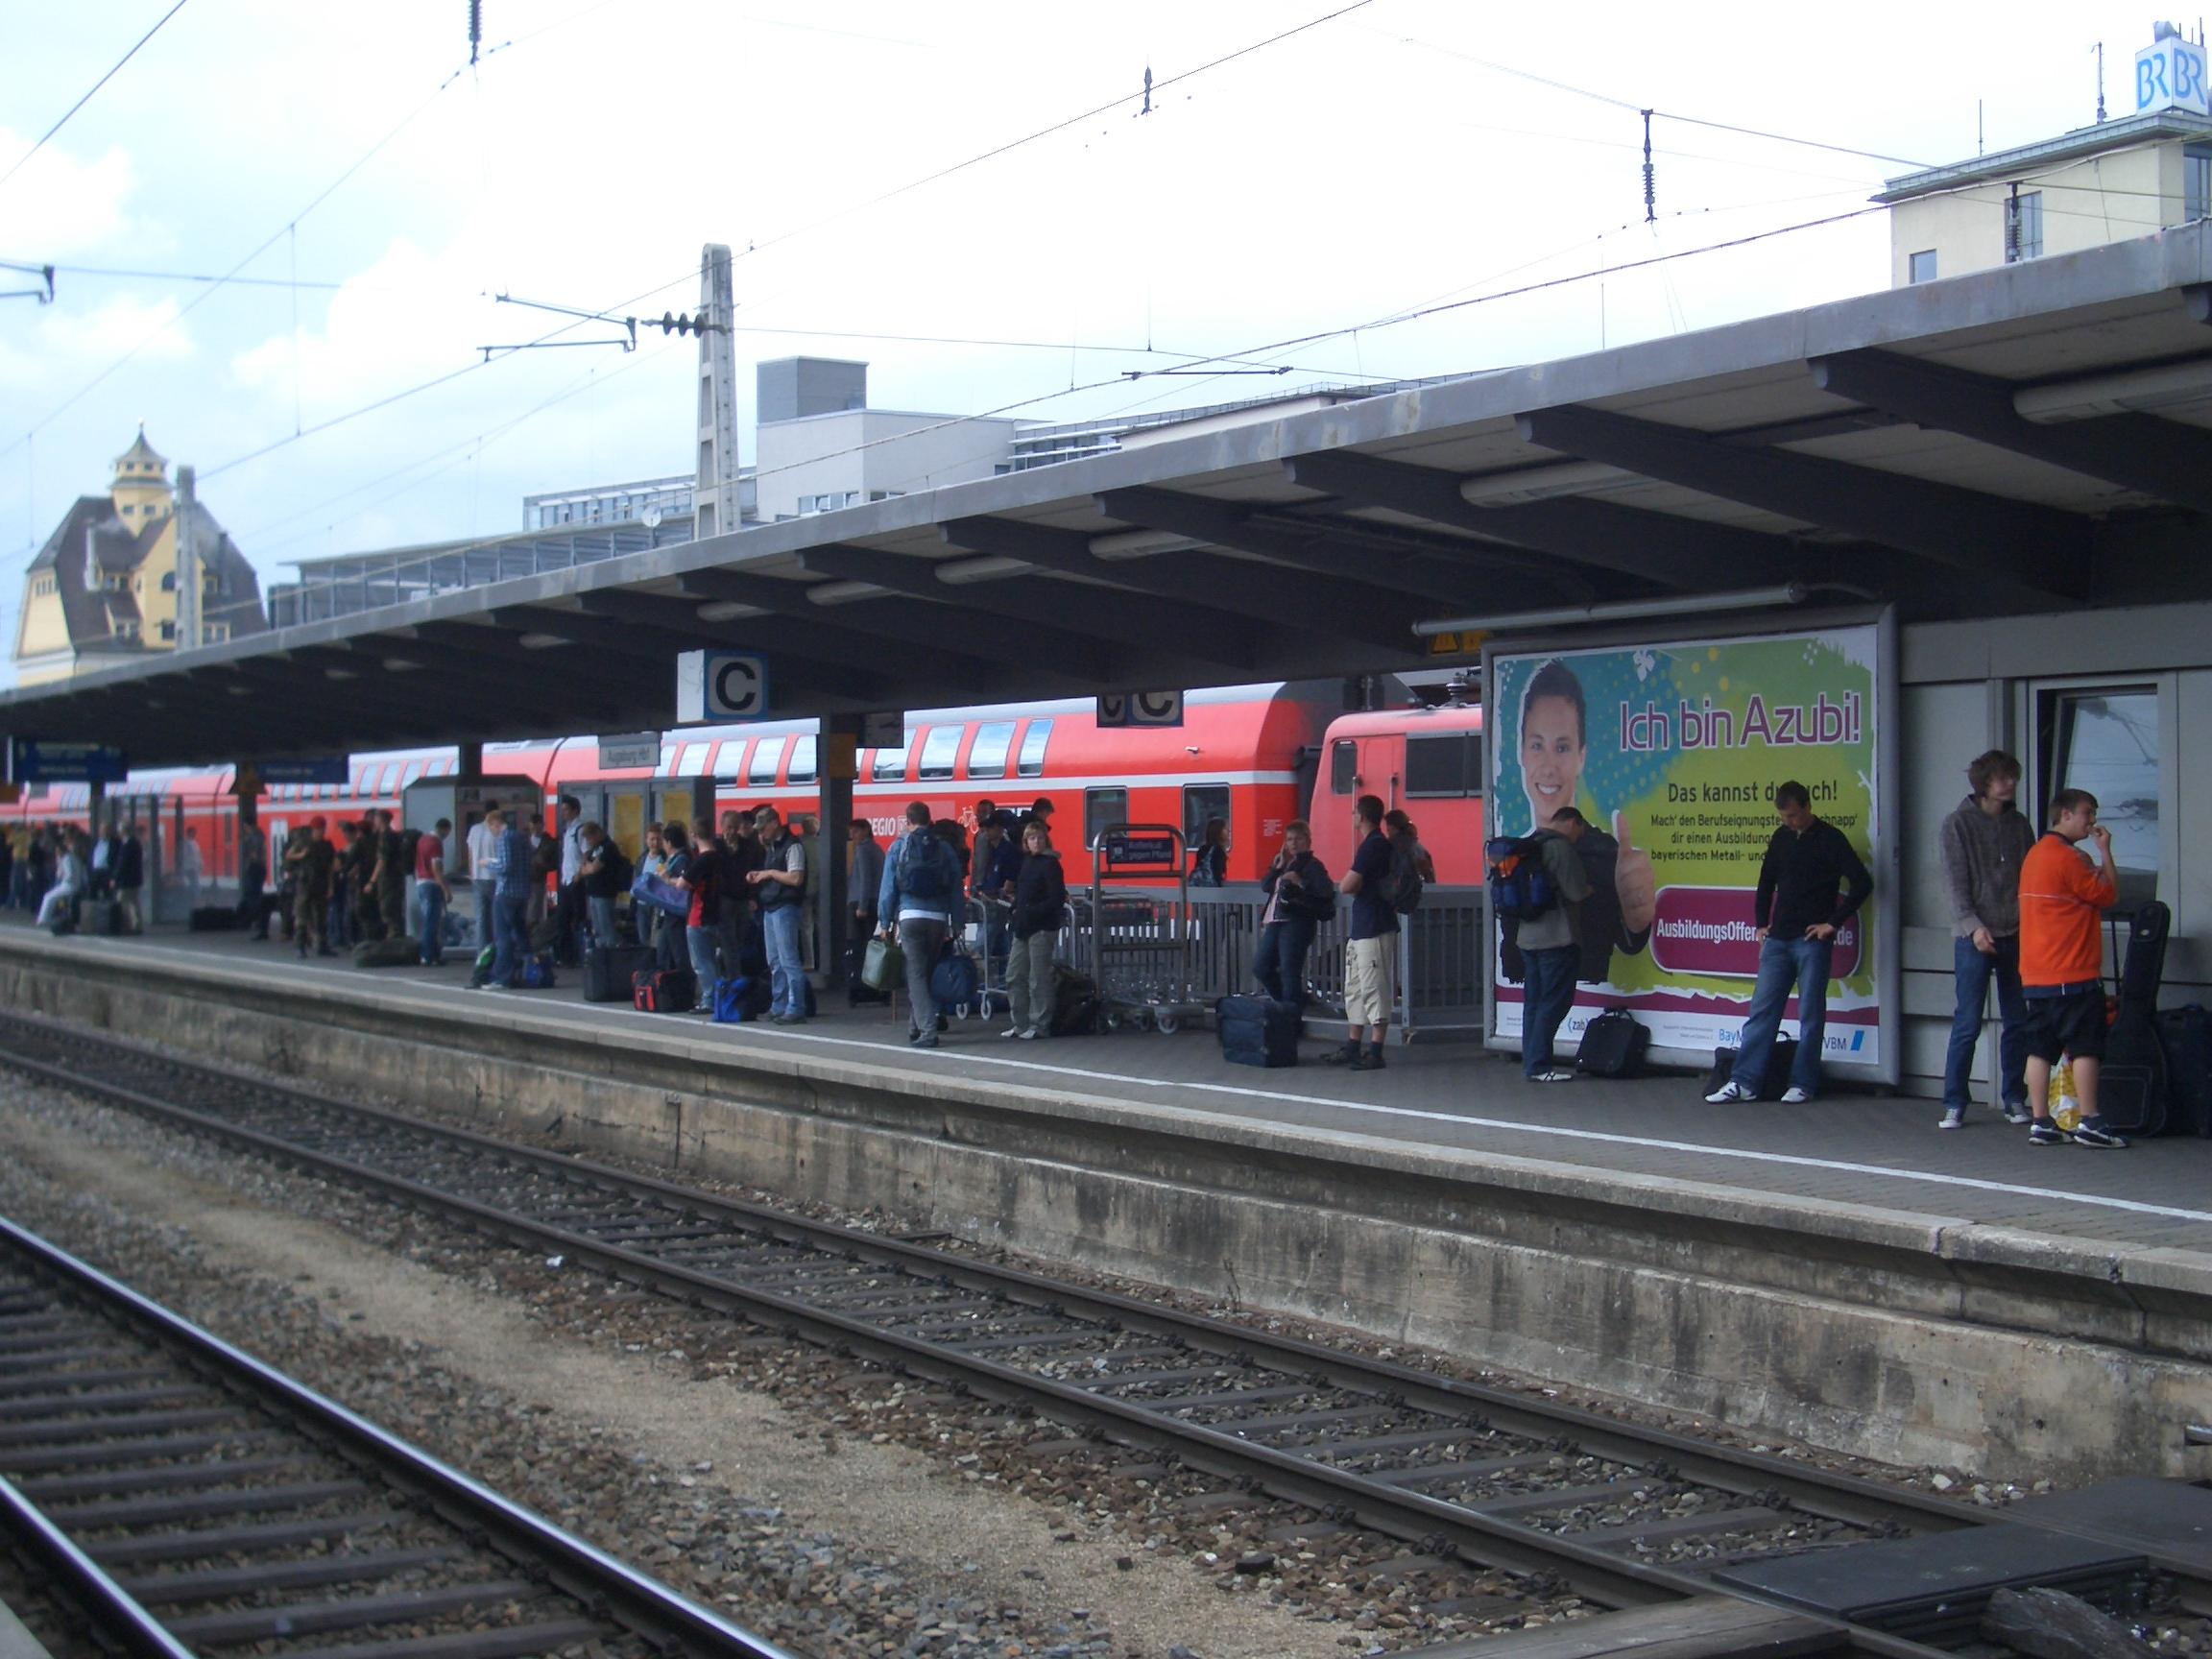 Wartende Fahrgäste auf zu schmalen Bahsnteigen am Hbf Augsburg